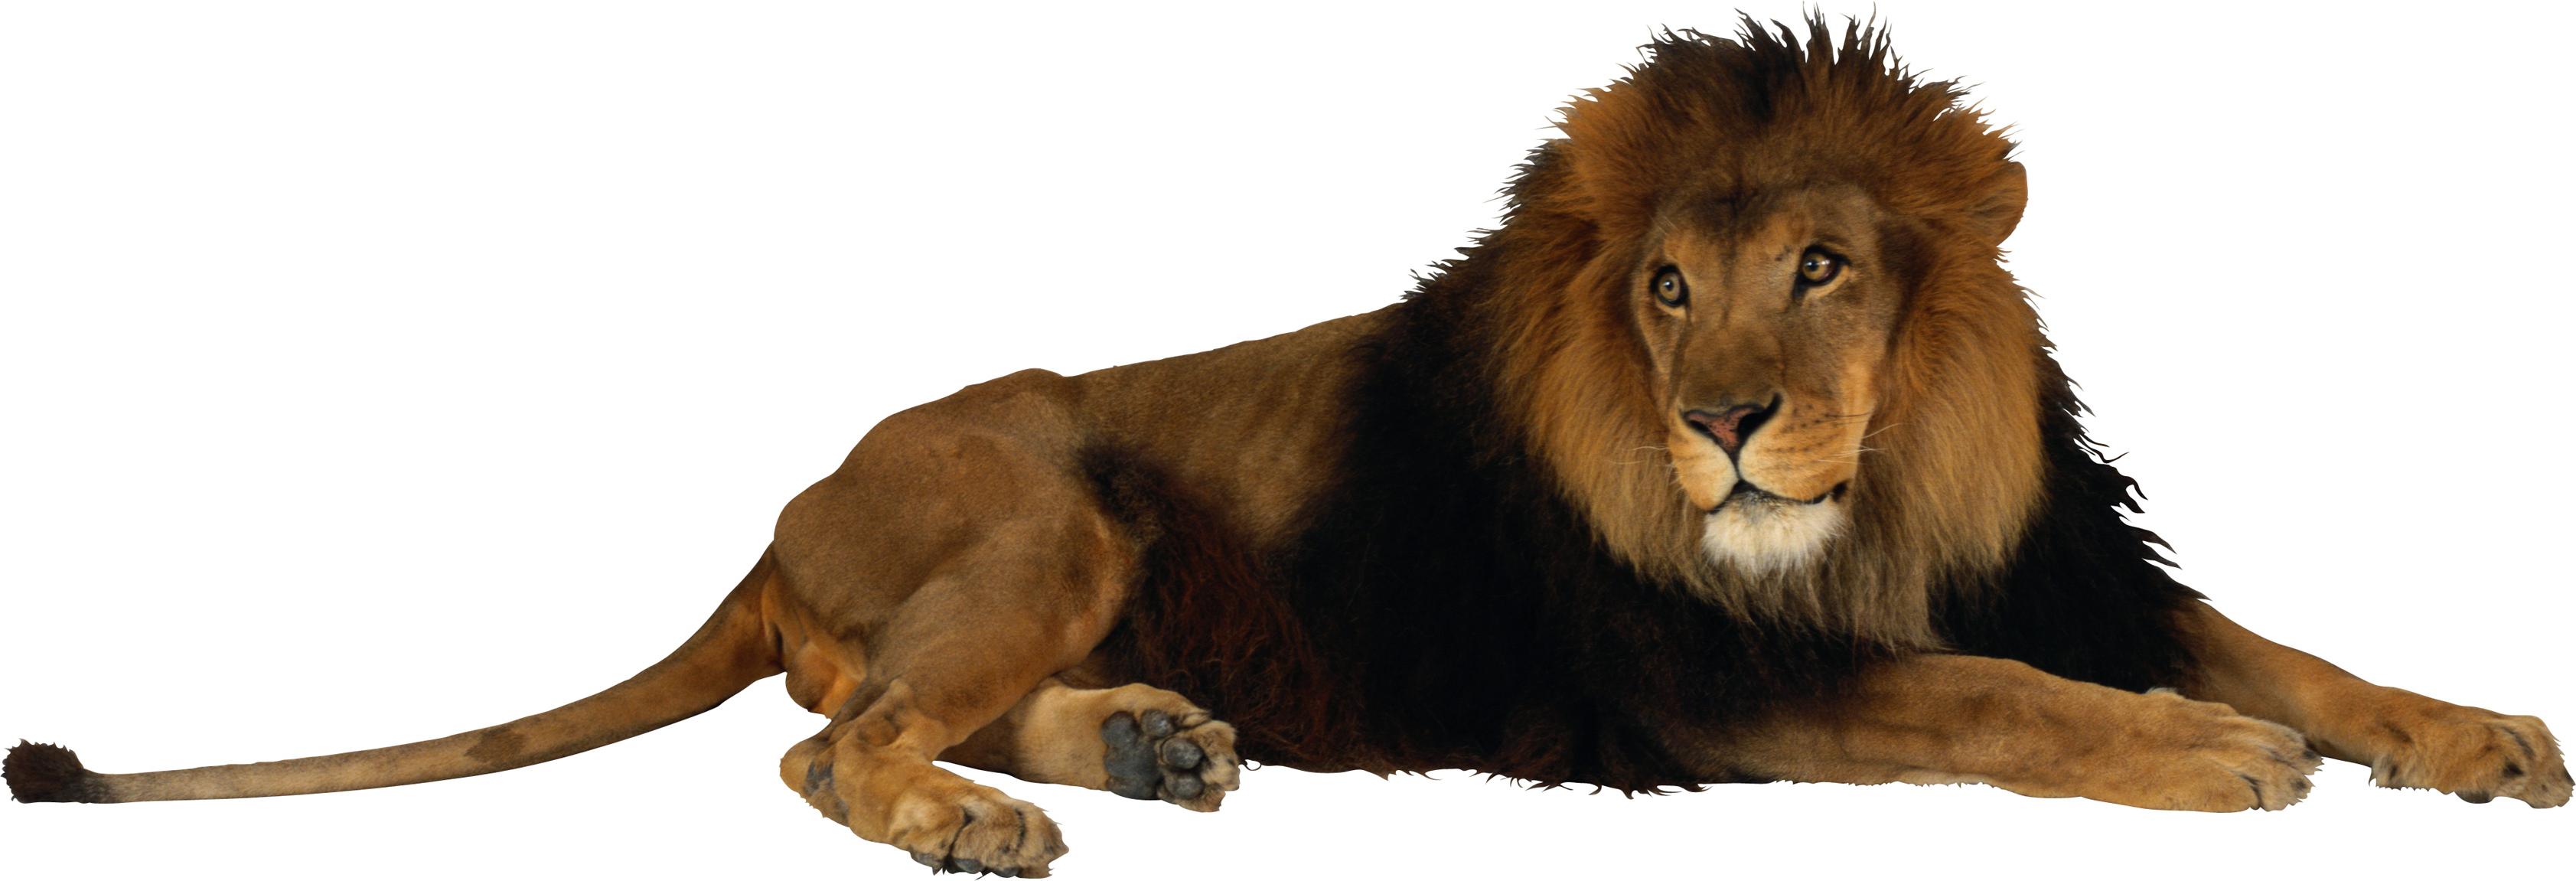 . PlusPng.com Lion PNG images, free download, lions PlusPng.com  - Mountain Lion PNG HD